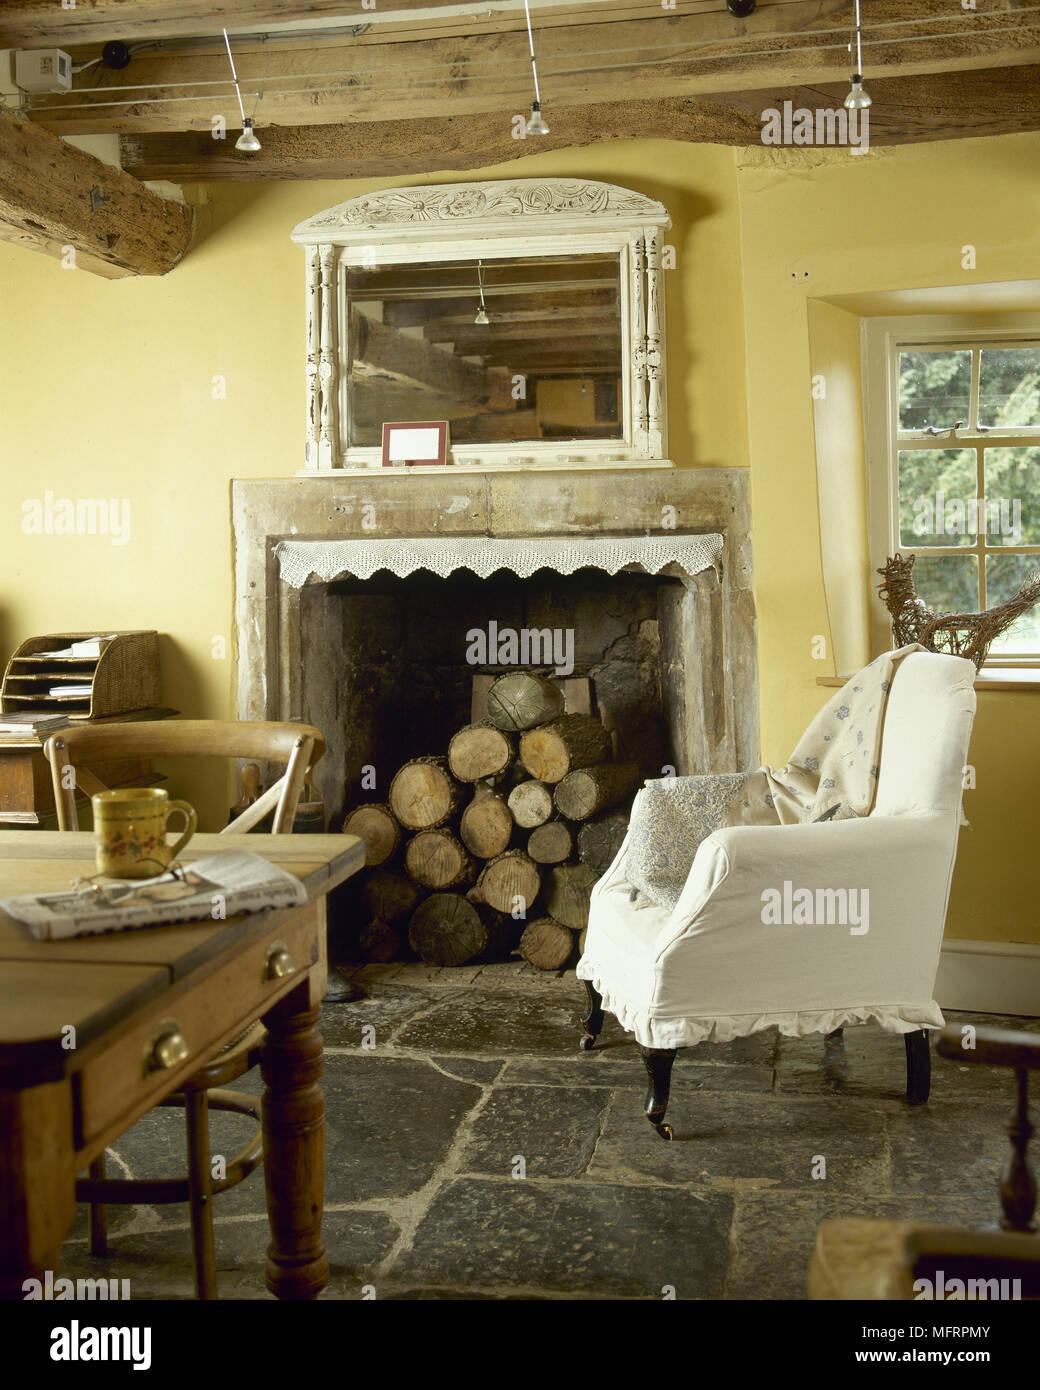 AuBergewohnlich Land, Gelb Küche Mit Holzbalkendecke, Kamin Aus Stein Mit Gestapelten  Brennholz, Flagstone Boden Gefüllt, Und Einem Sessel.